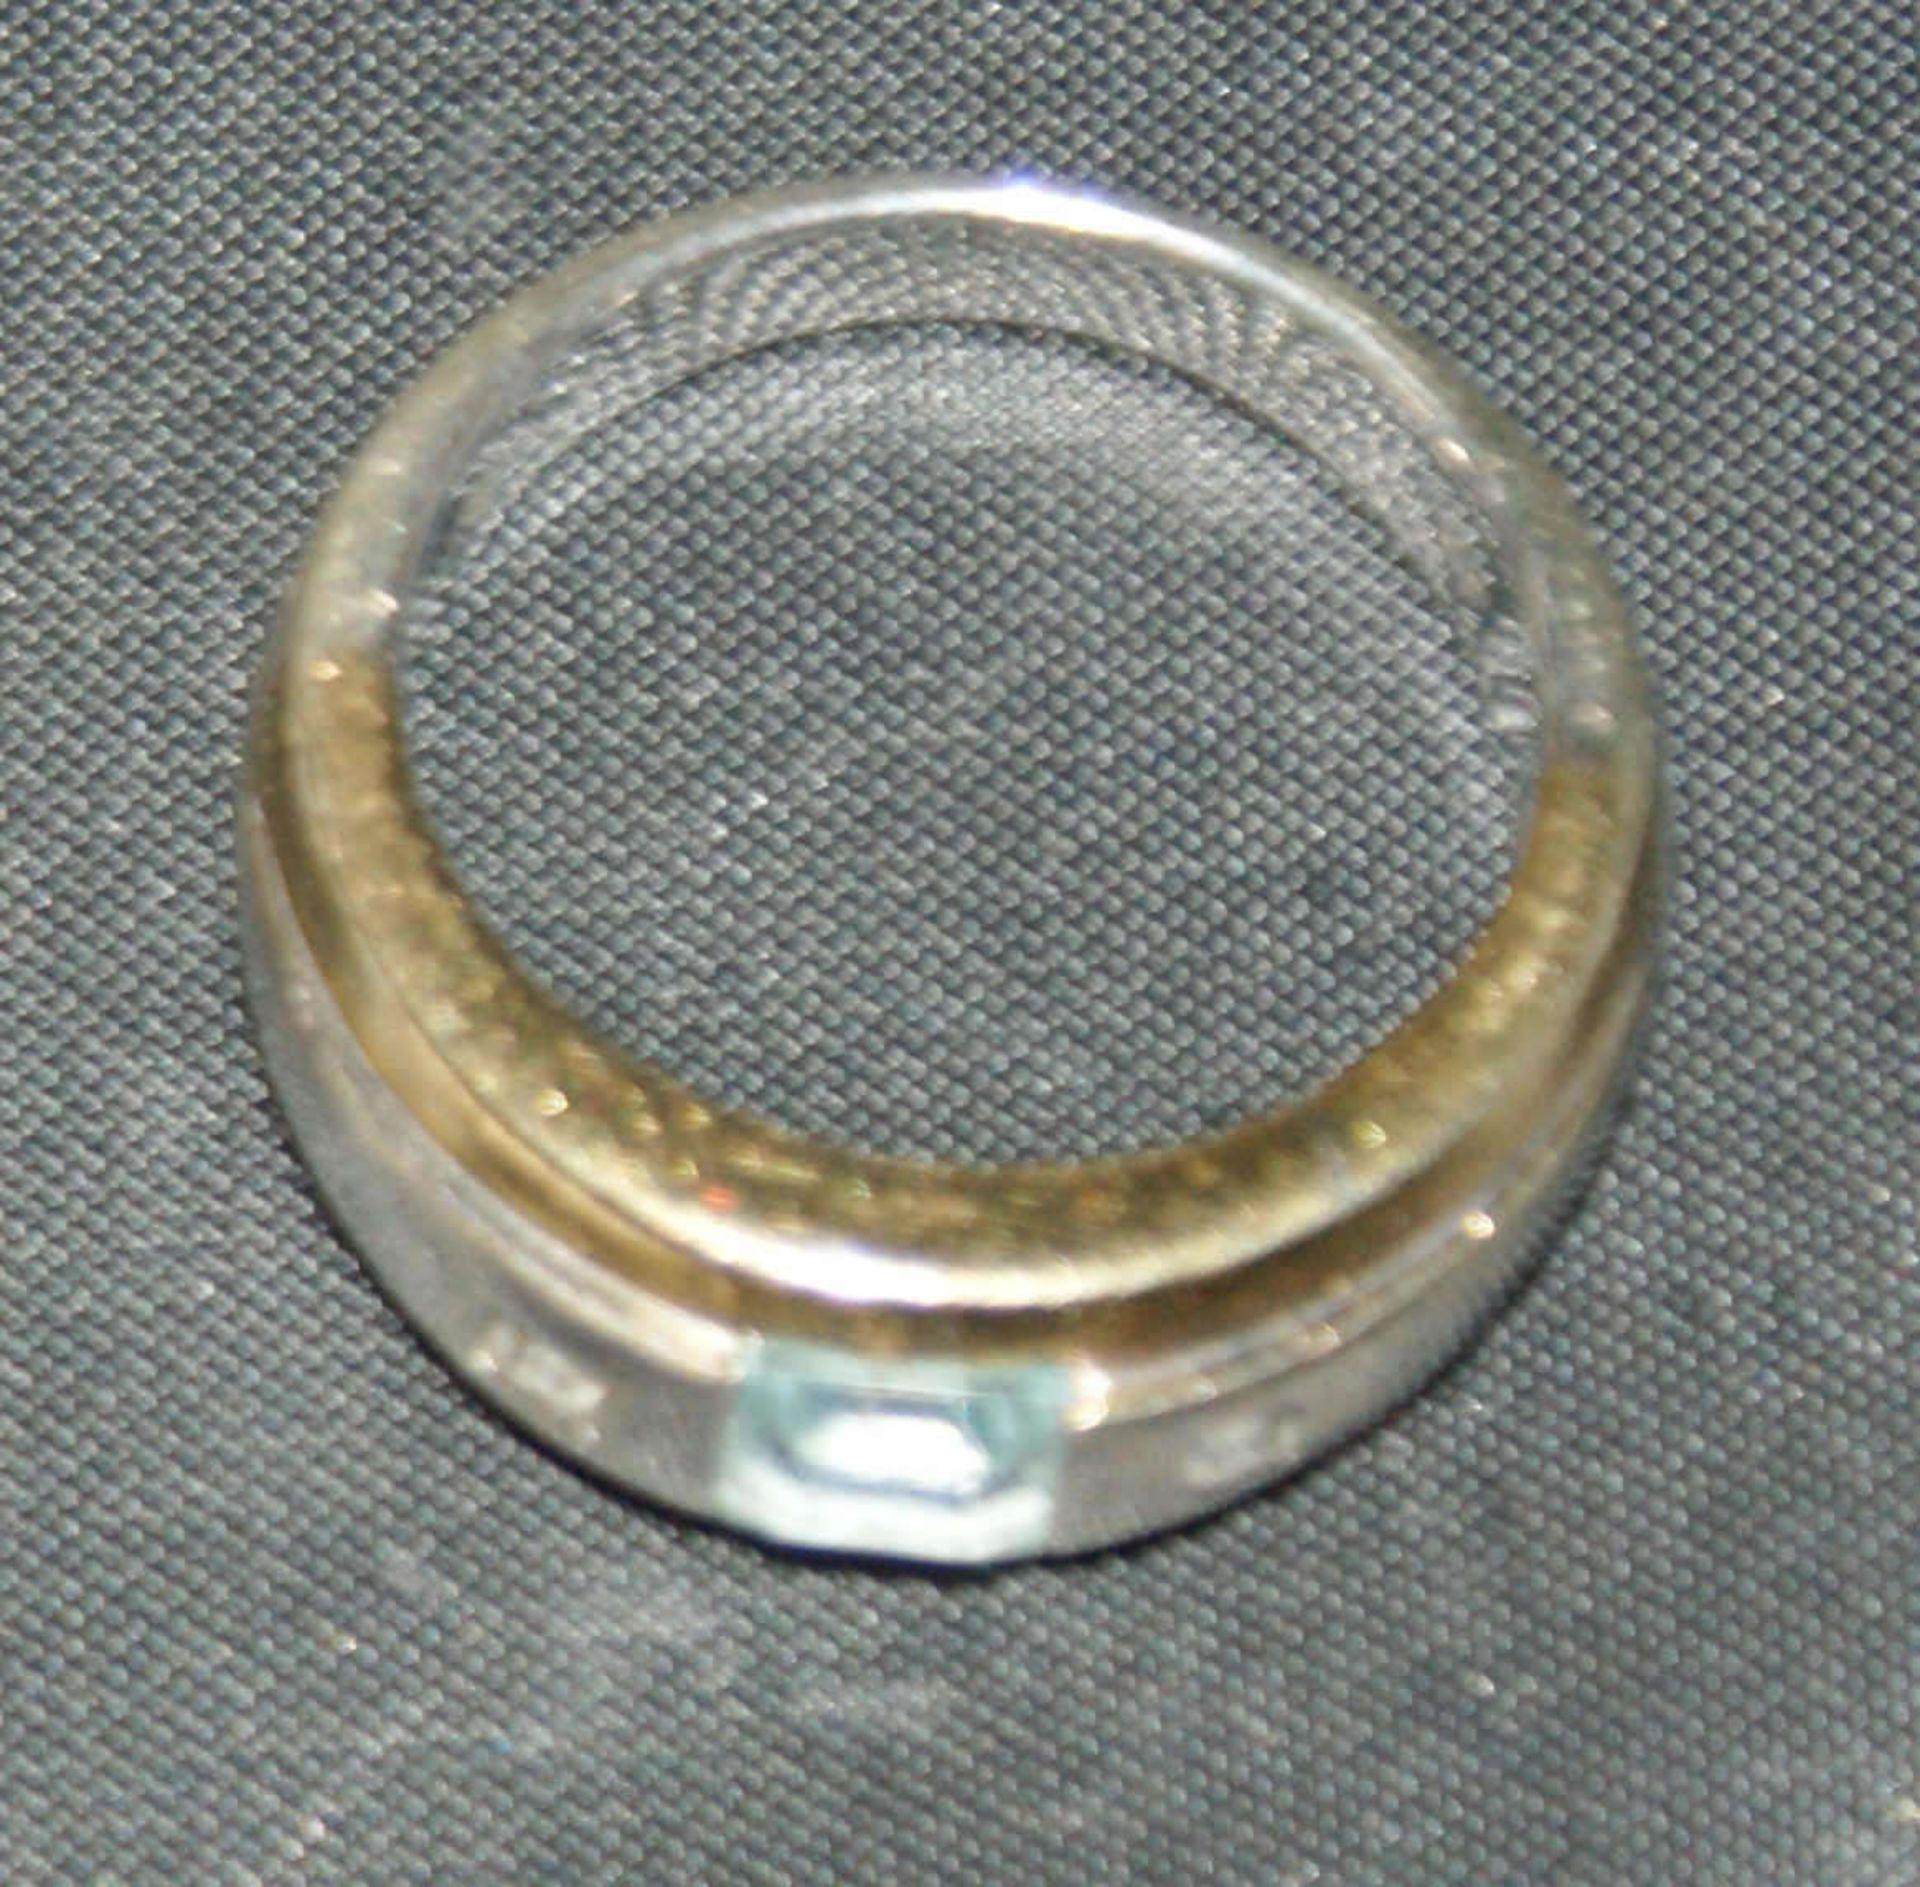 Damenring, 333er Gelbgold, bicolor, besetzt mit 1 Aquamarin, flankiert von 2 Zirkonia. Ringgröße 54, - Bild 3 aus 3